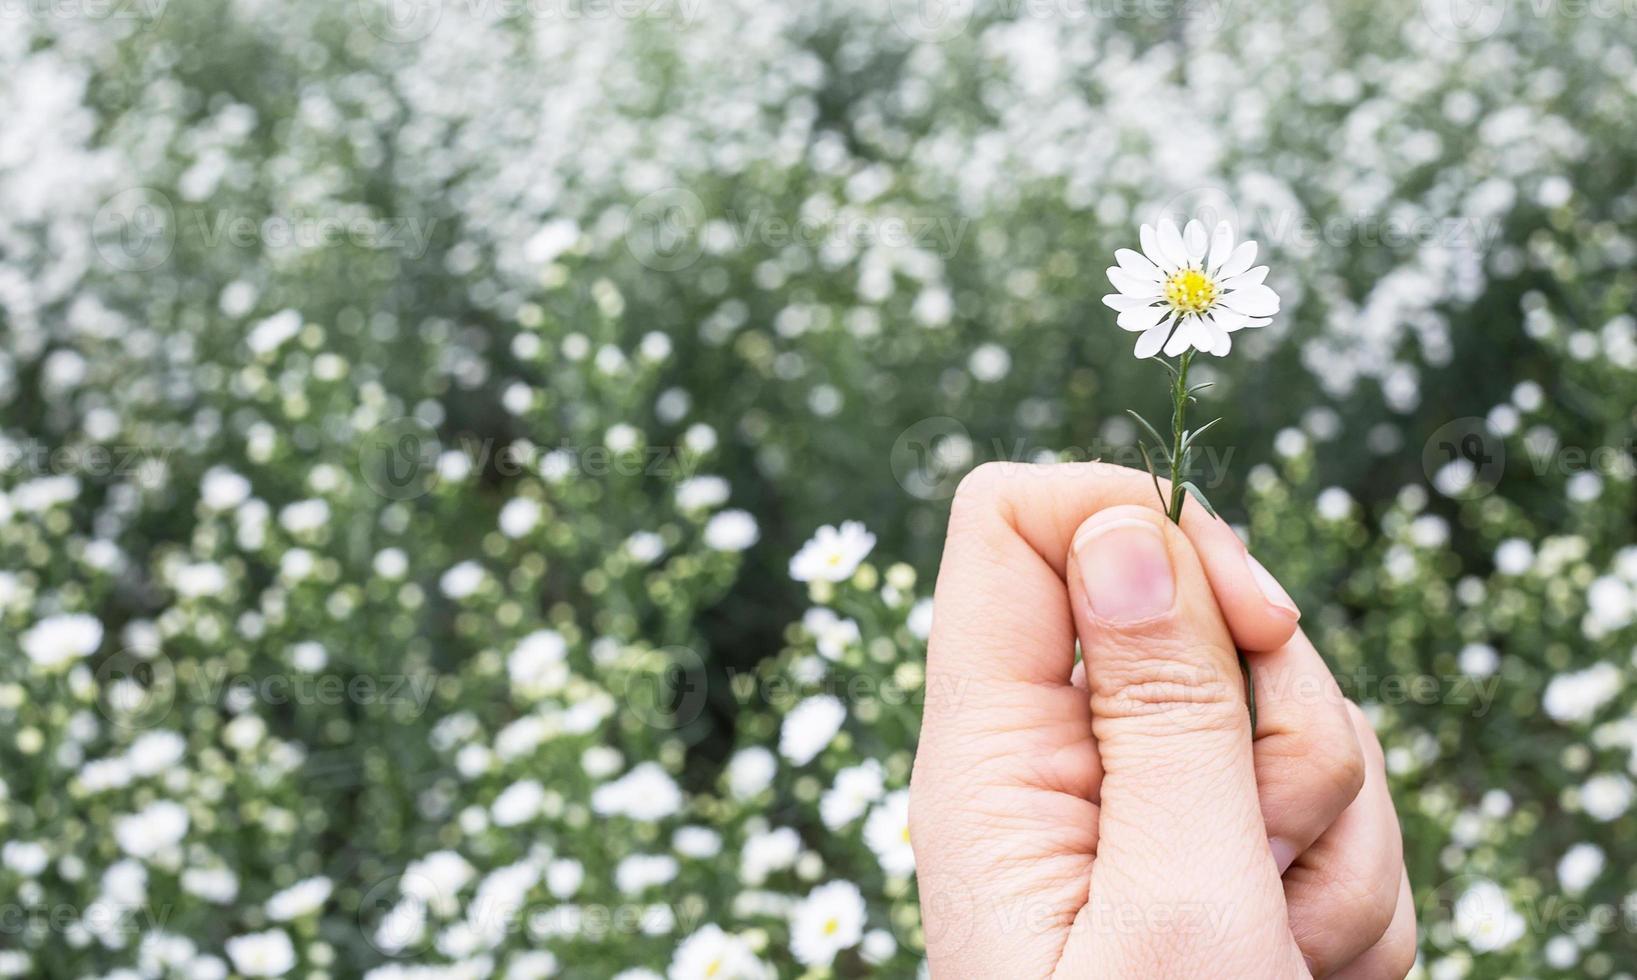 una mano es flor de corte carring foto